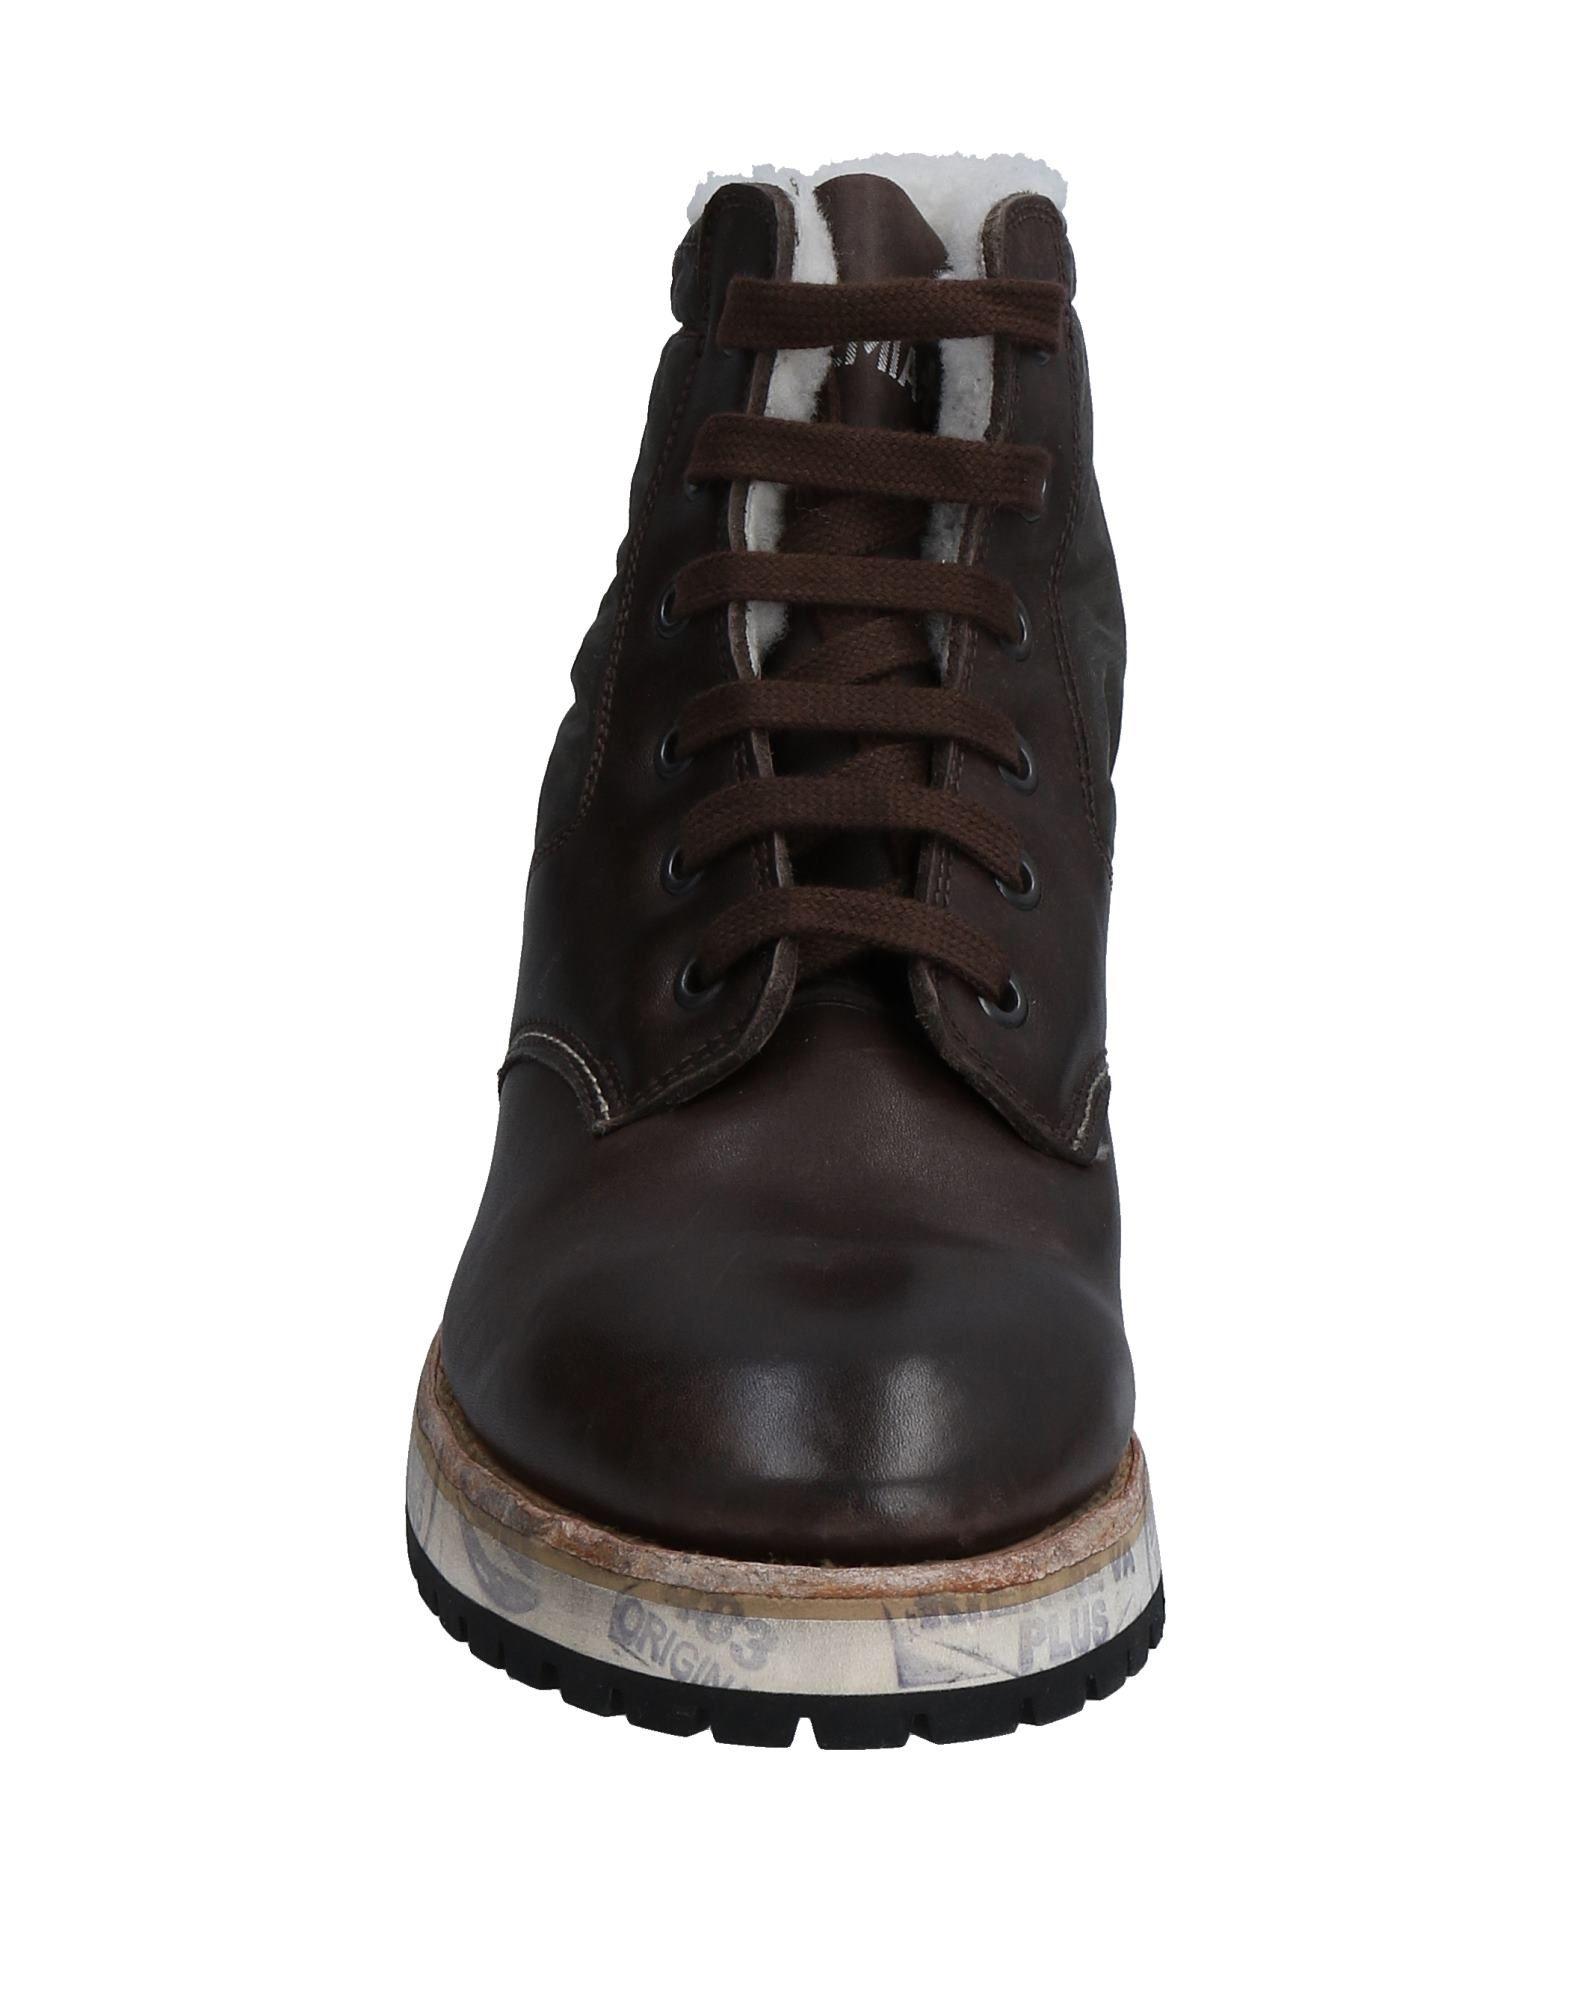 Premiata Stiefelette Herren  11528803MW Schuhe Gute Qualität beliebte Schuhe 11528803MW a260f8